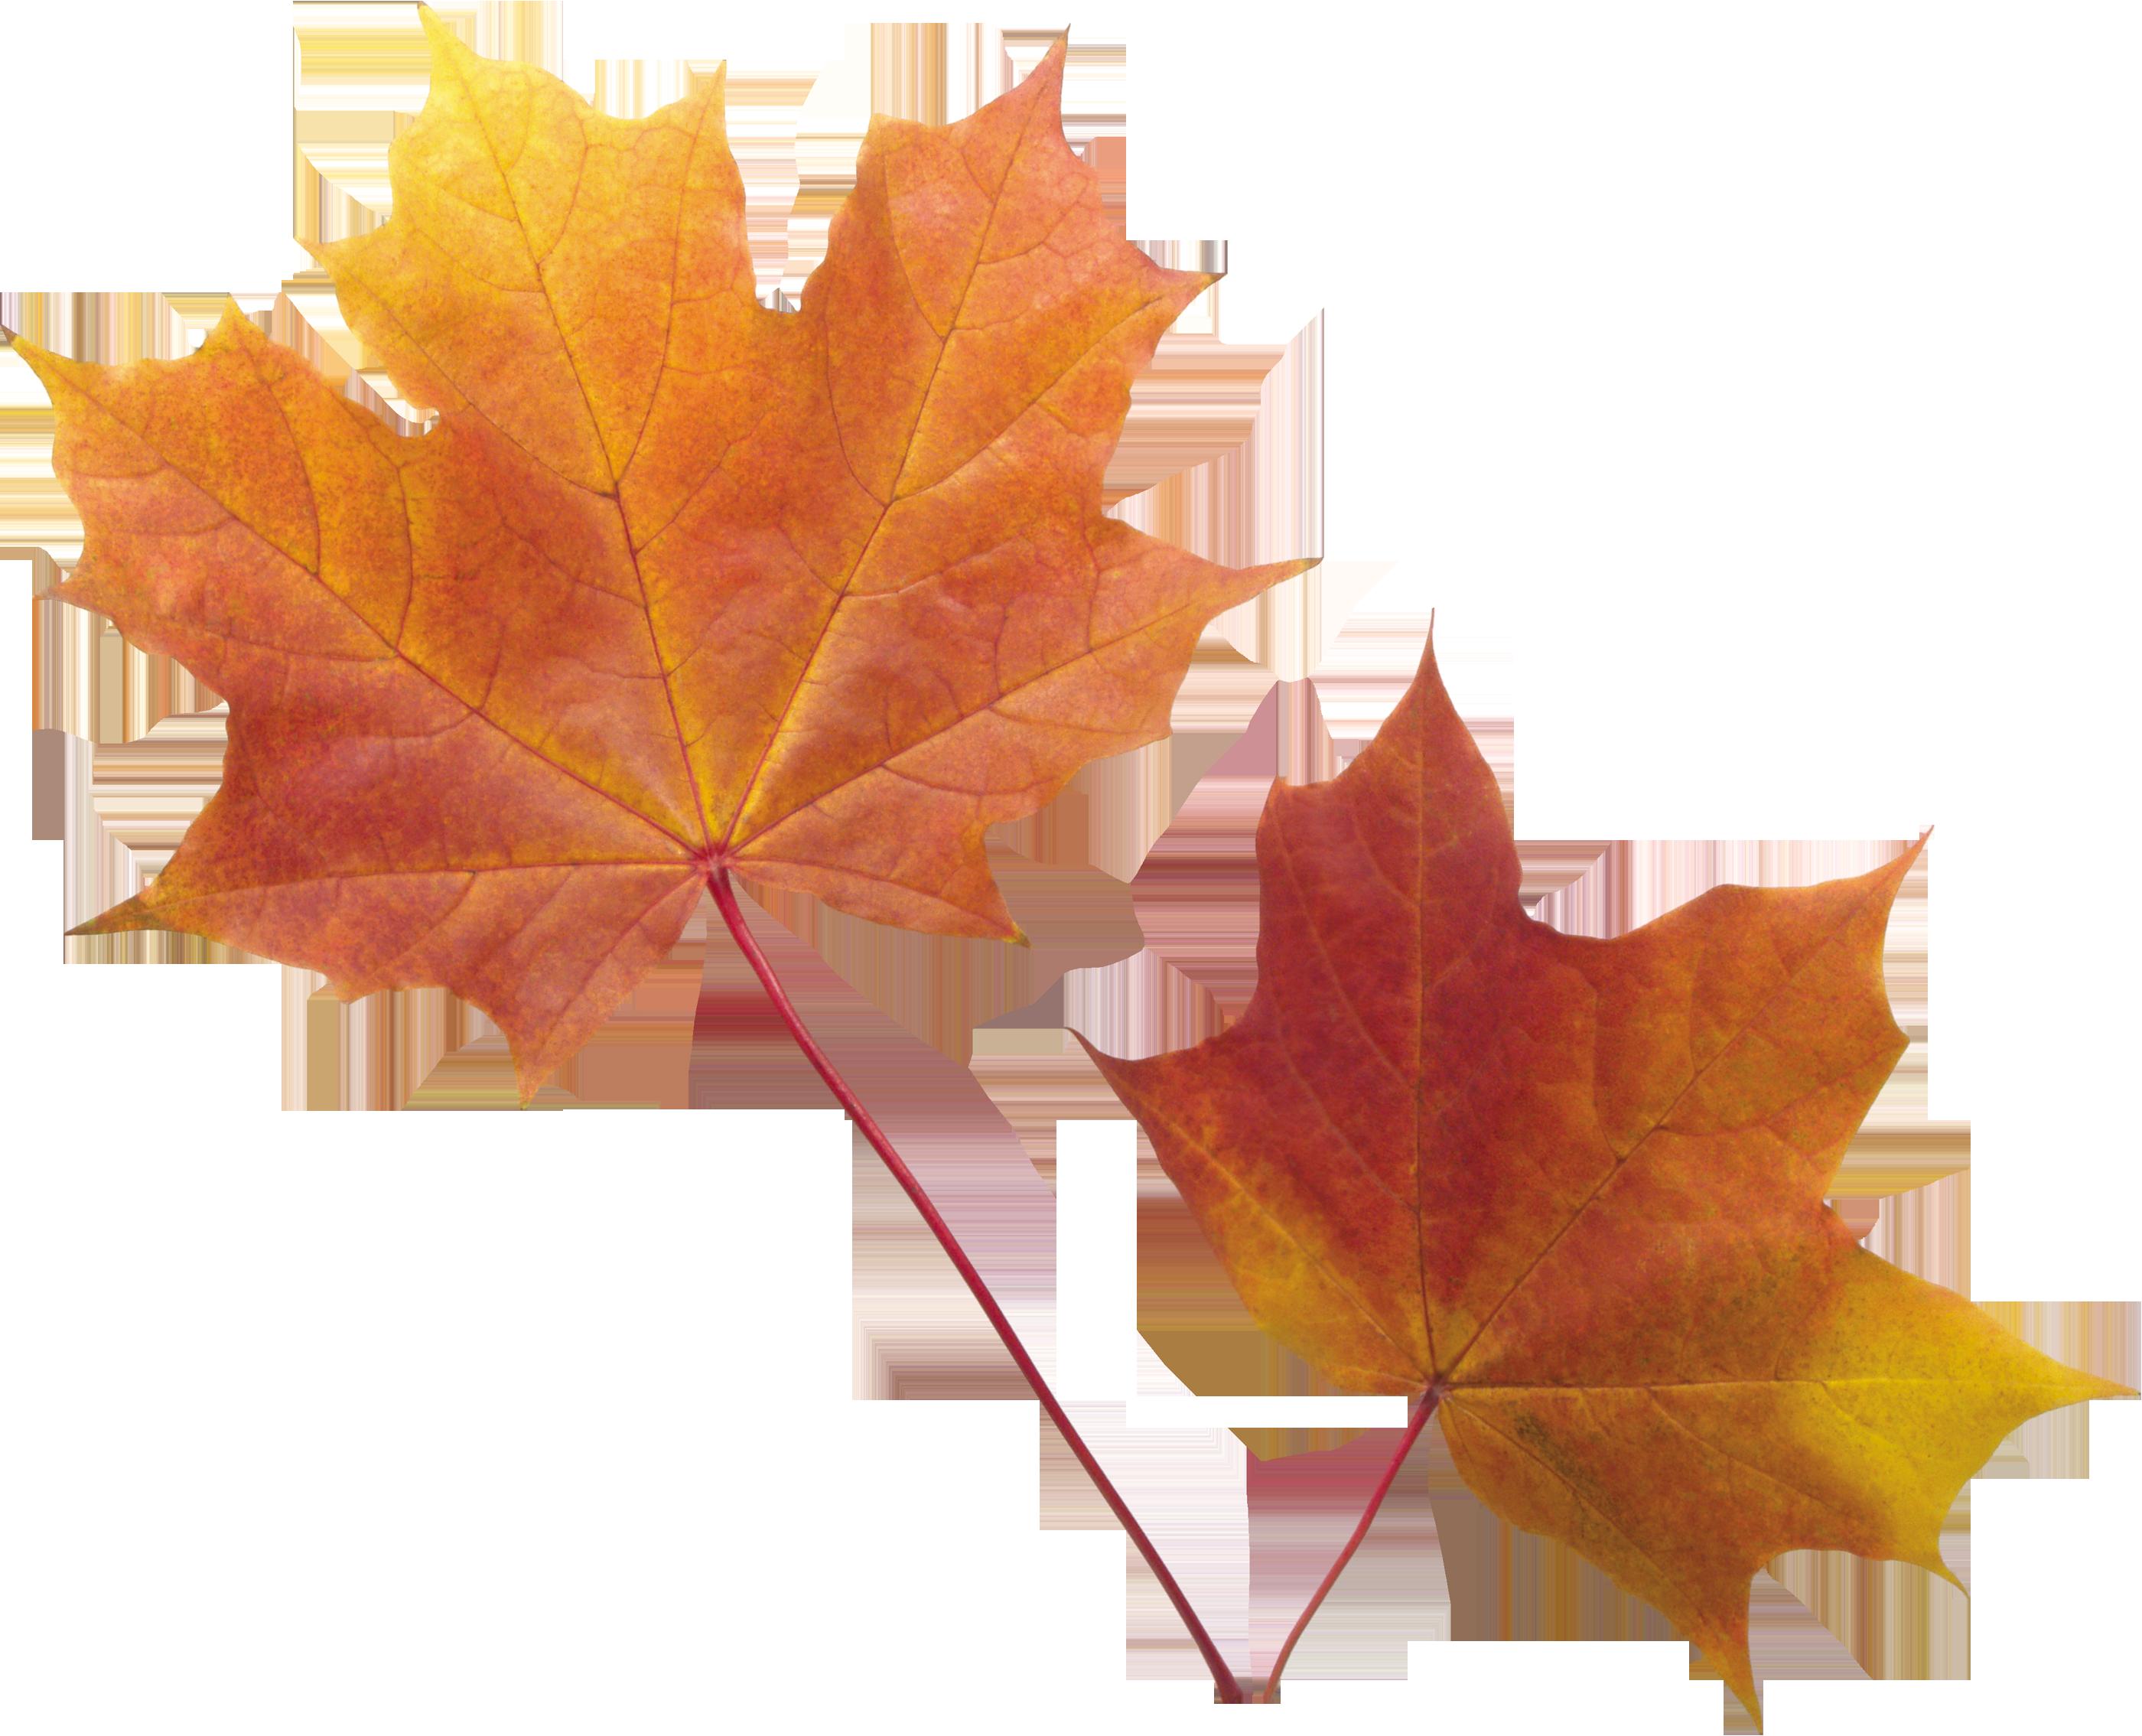 Autumn Leaf Png Image Autumn Leaves Art Leaves Autumn Leaves